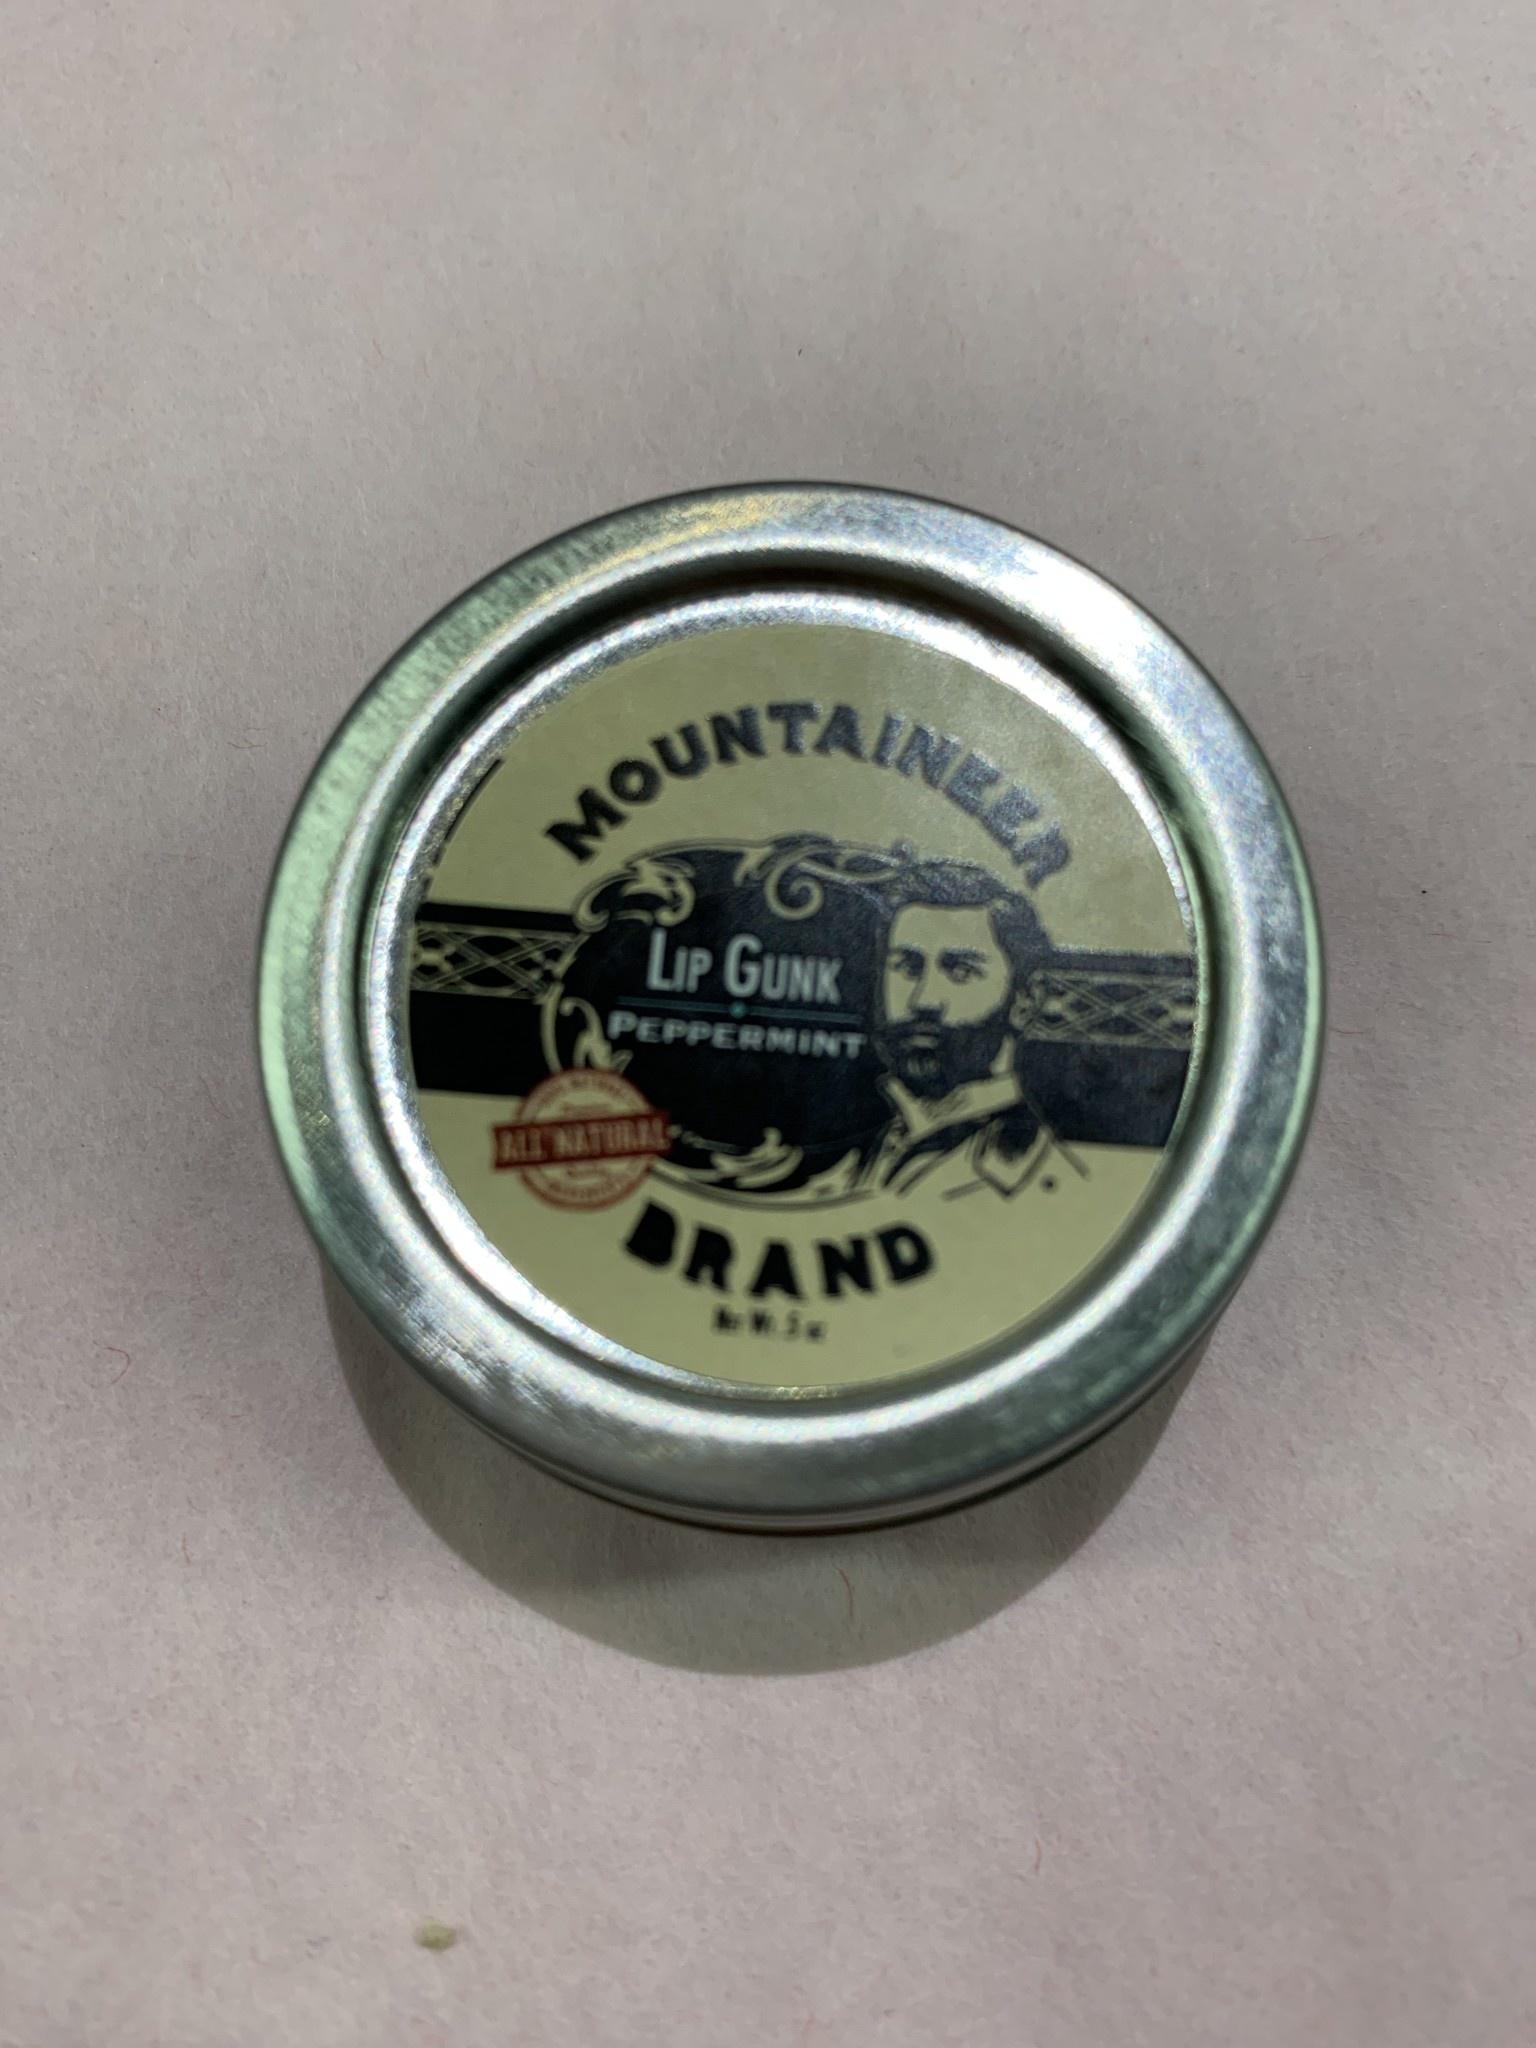 Mountaineer Brand Lip Gunk Peppermint